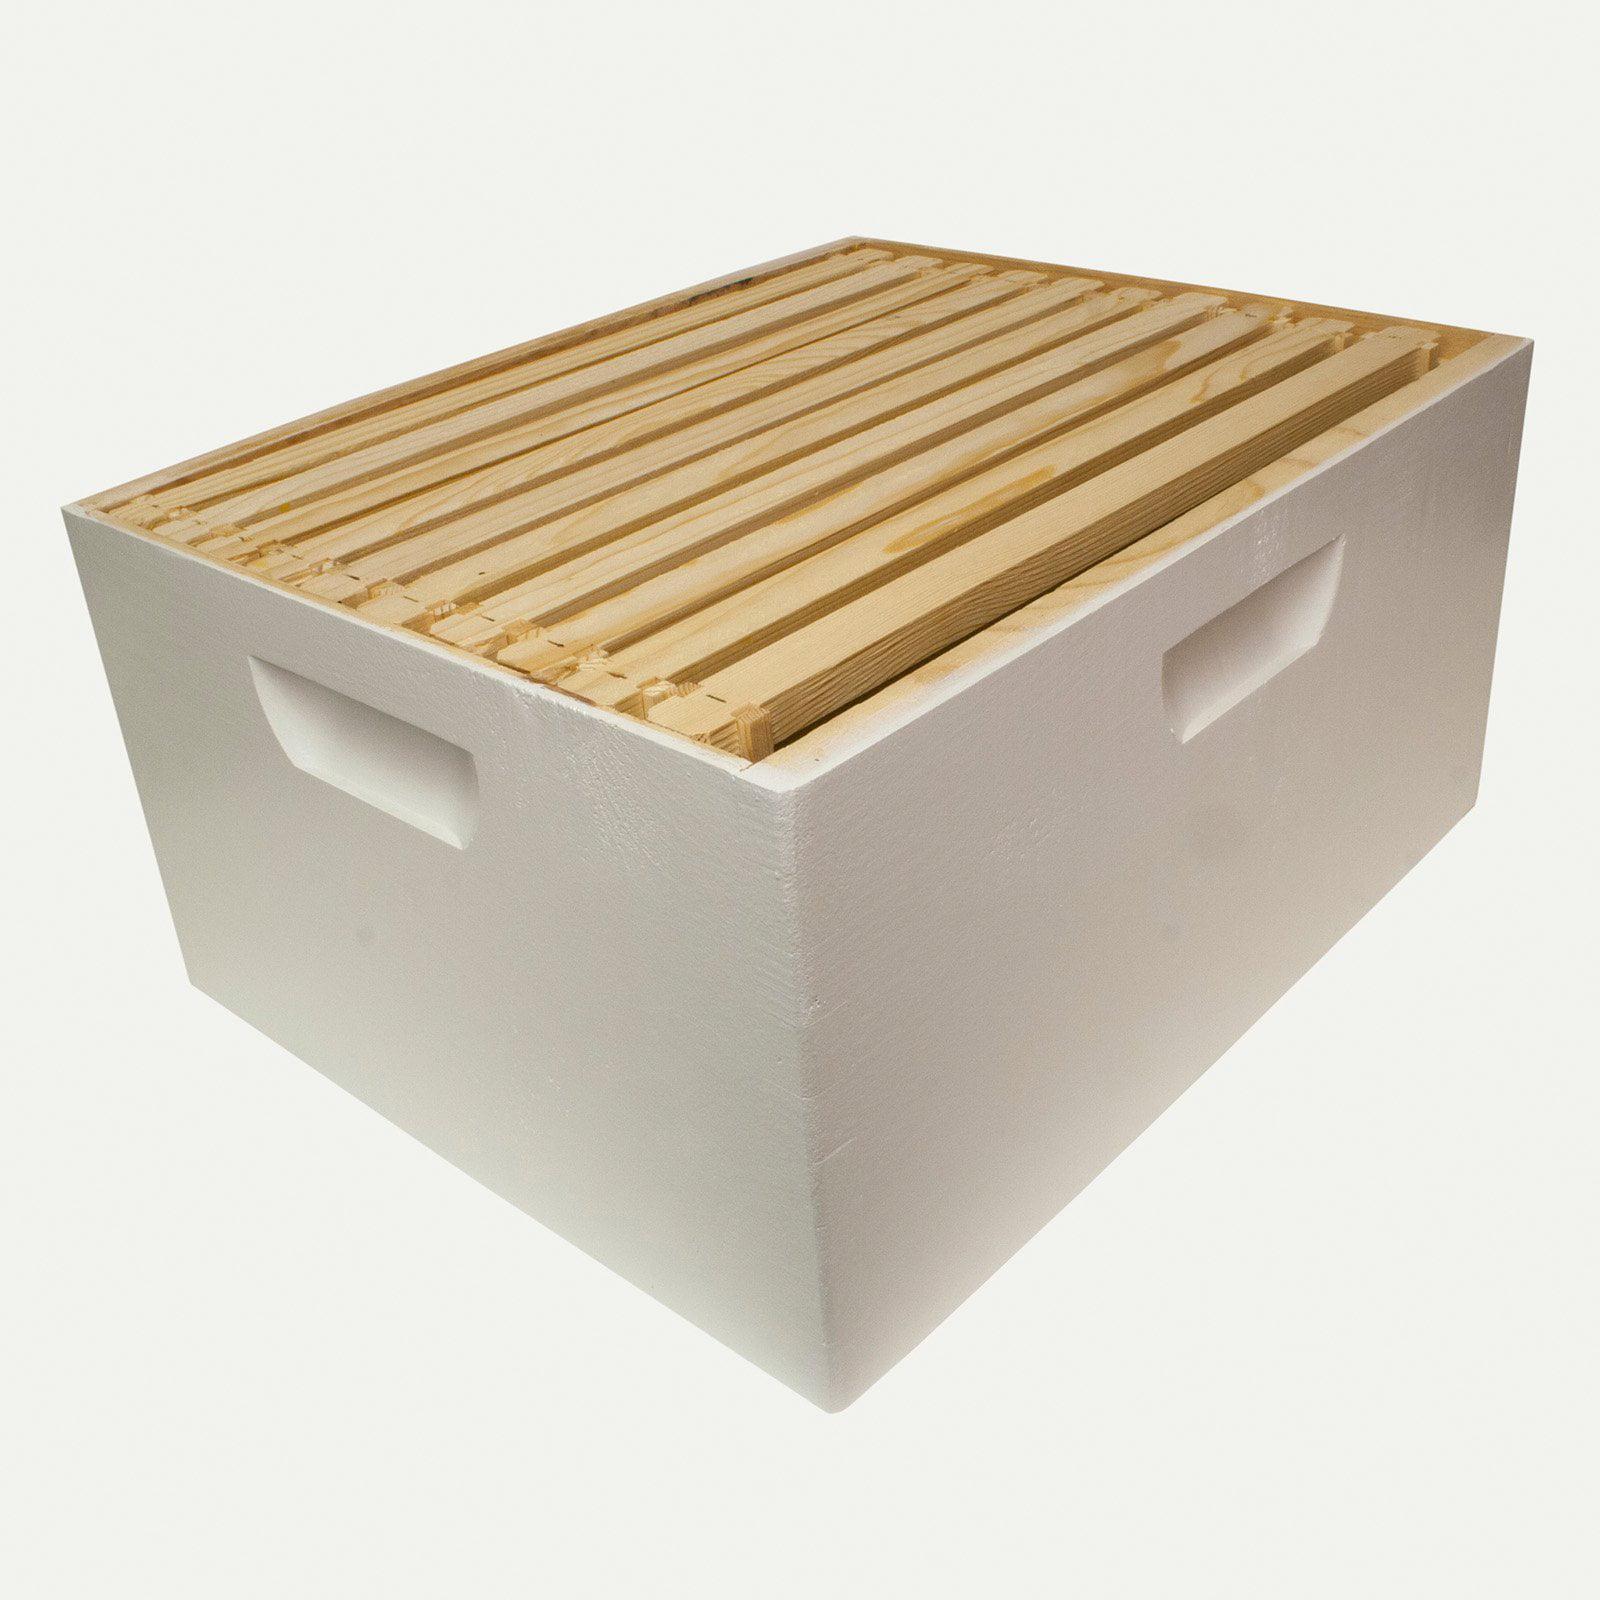 Harvest Lane Honey Complete Beehive Box